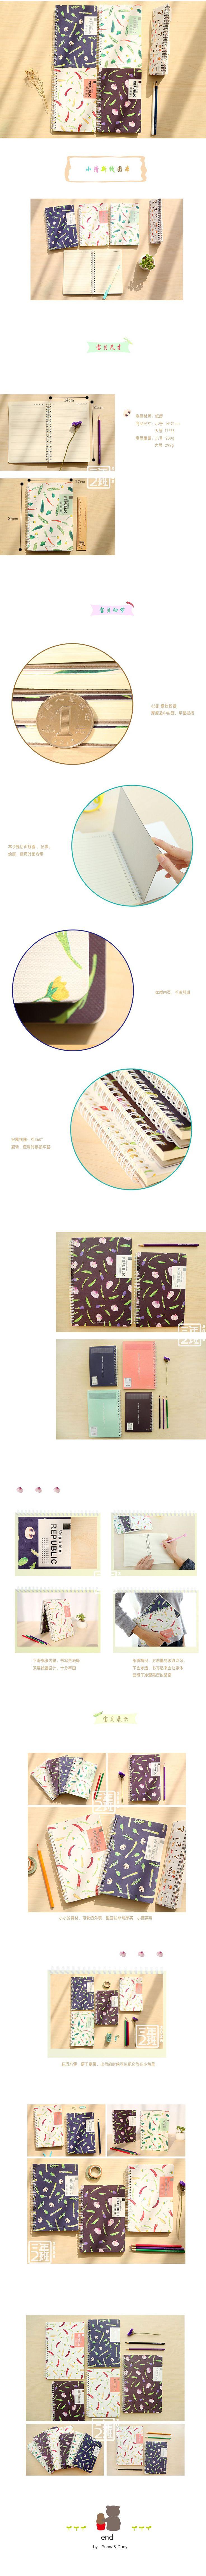 спираль ноутбук ежедневные заметки состав книги школьные тетради